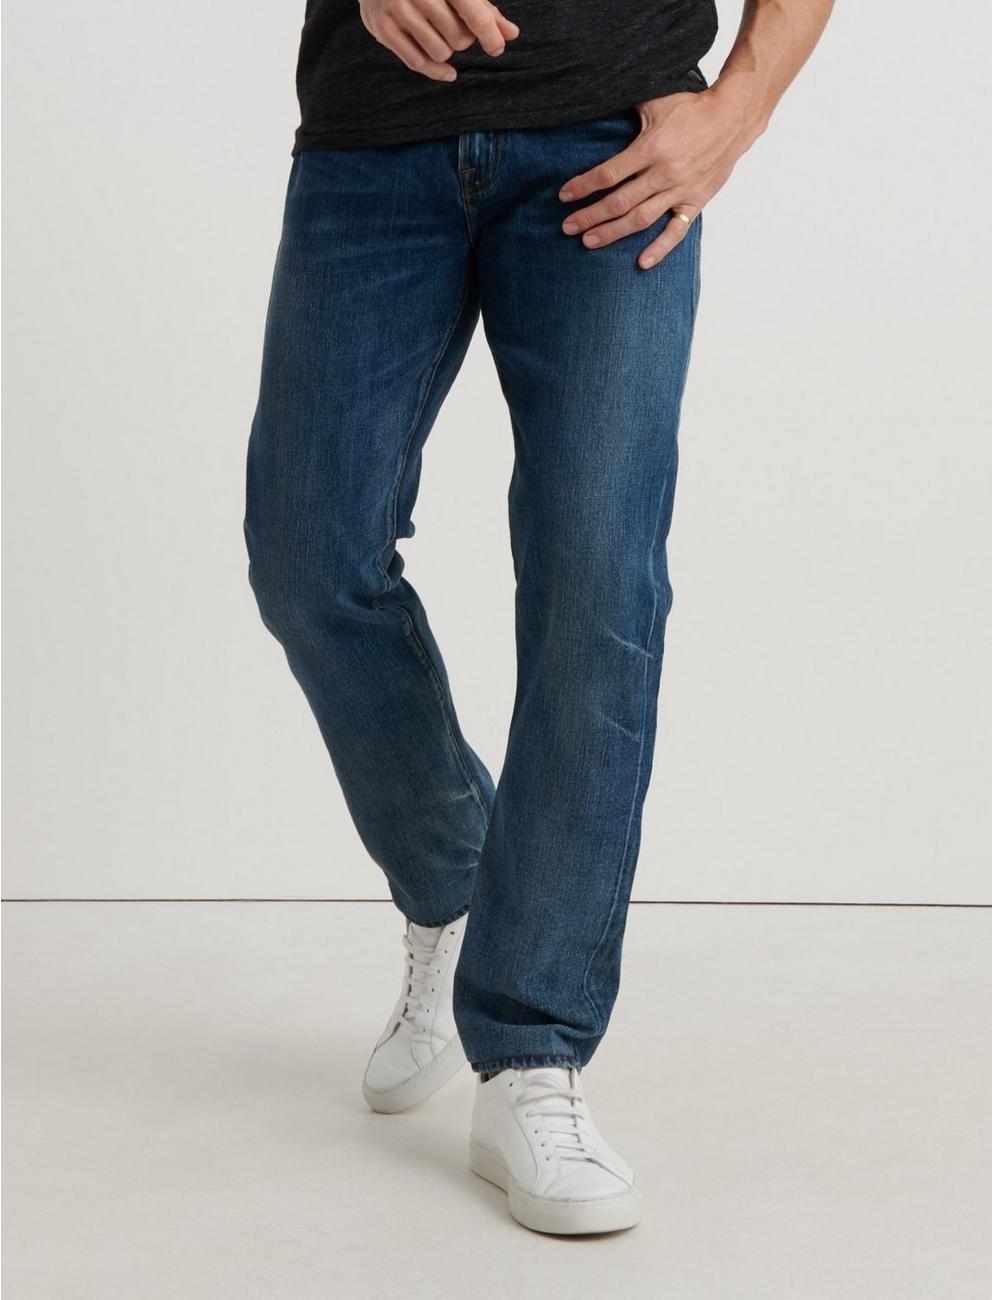 121 Straight Tencel Slim Jean clTF13KJ